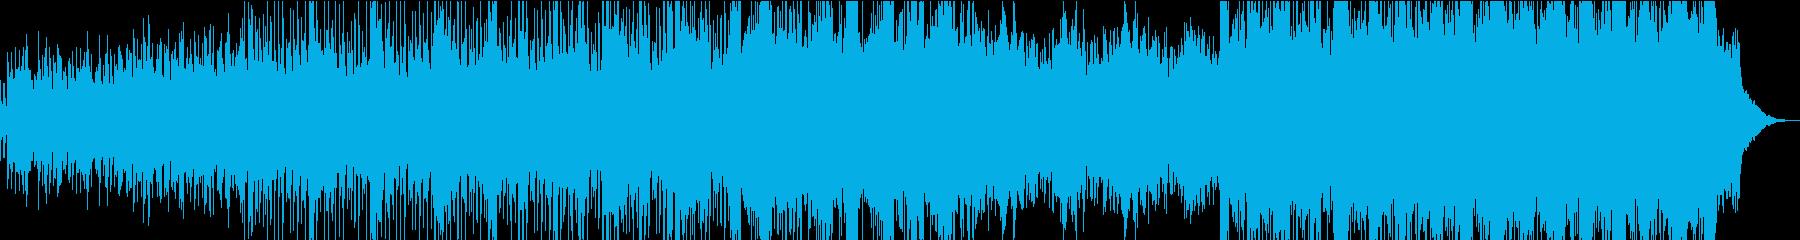 ダークでテンションの上がる曲の再生済みの波形